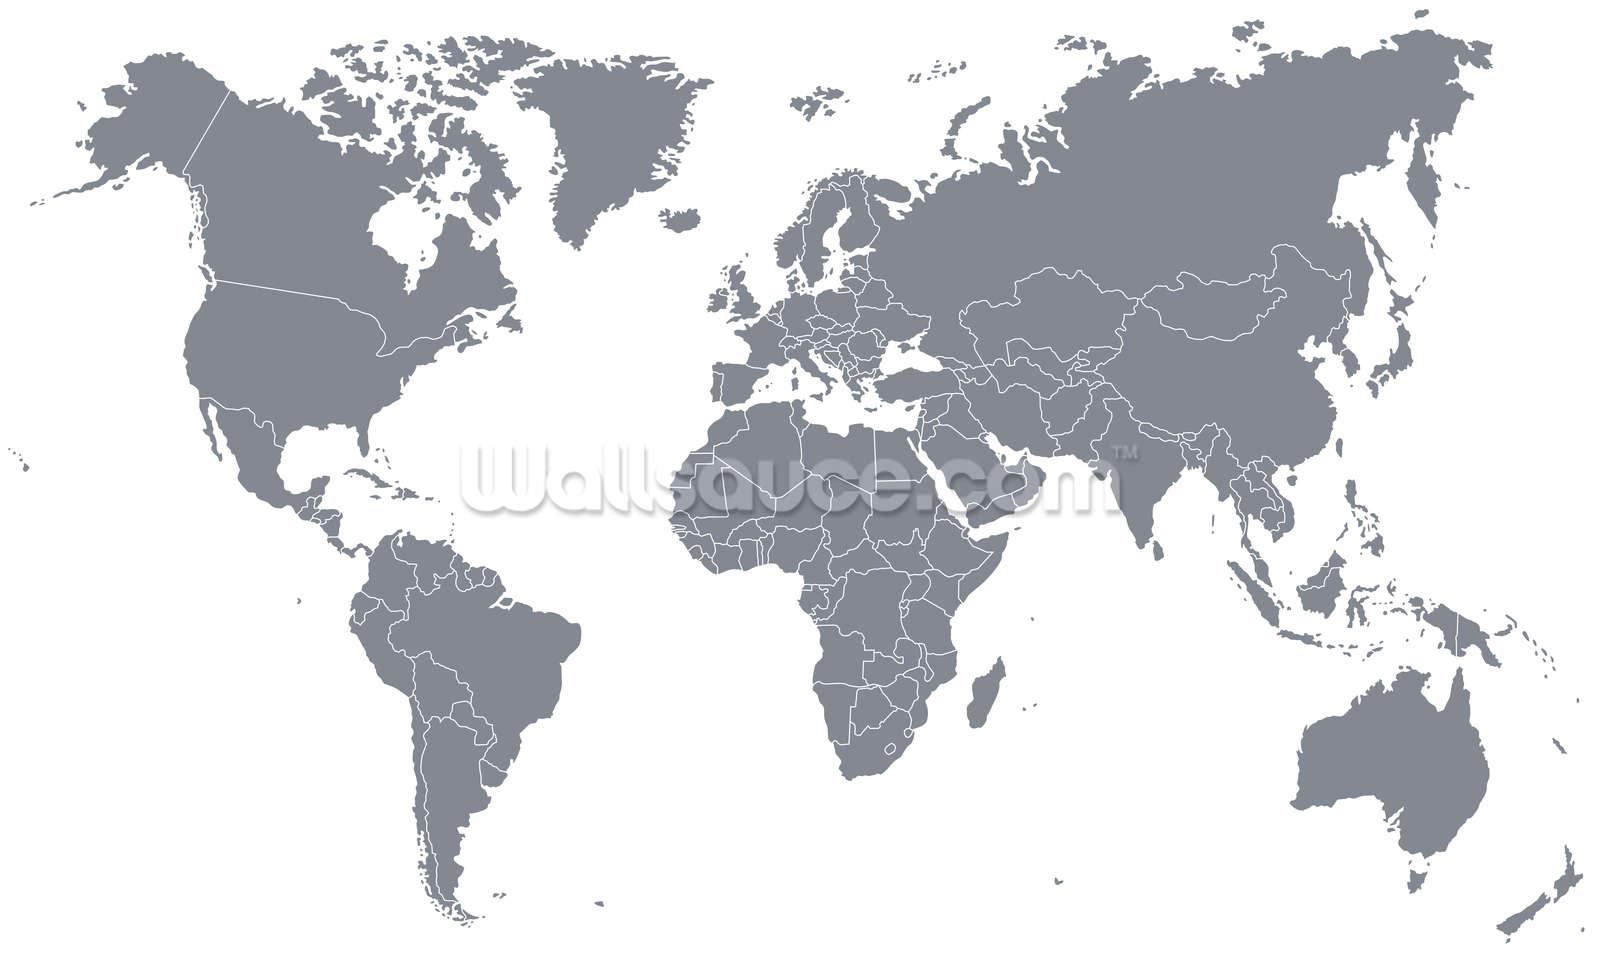 Fullsize Of World Map Wallpaper